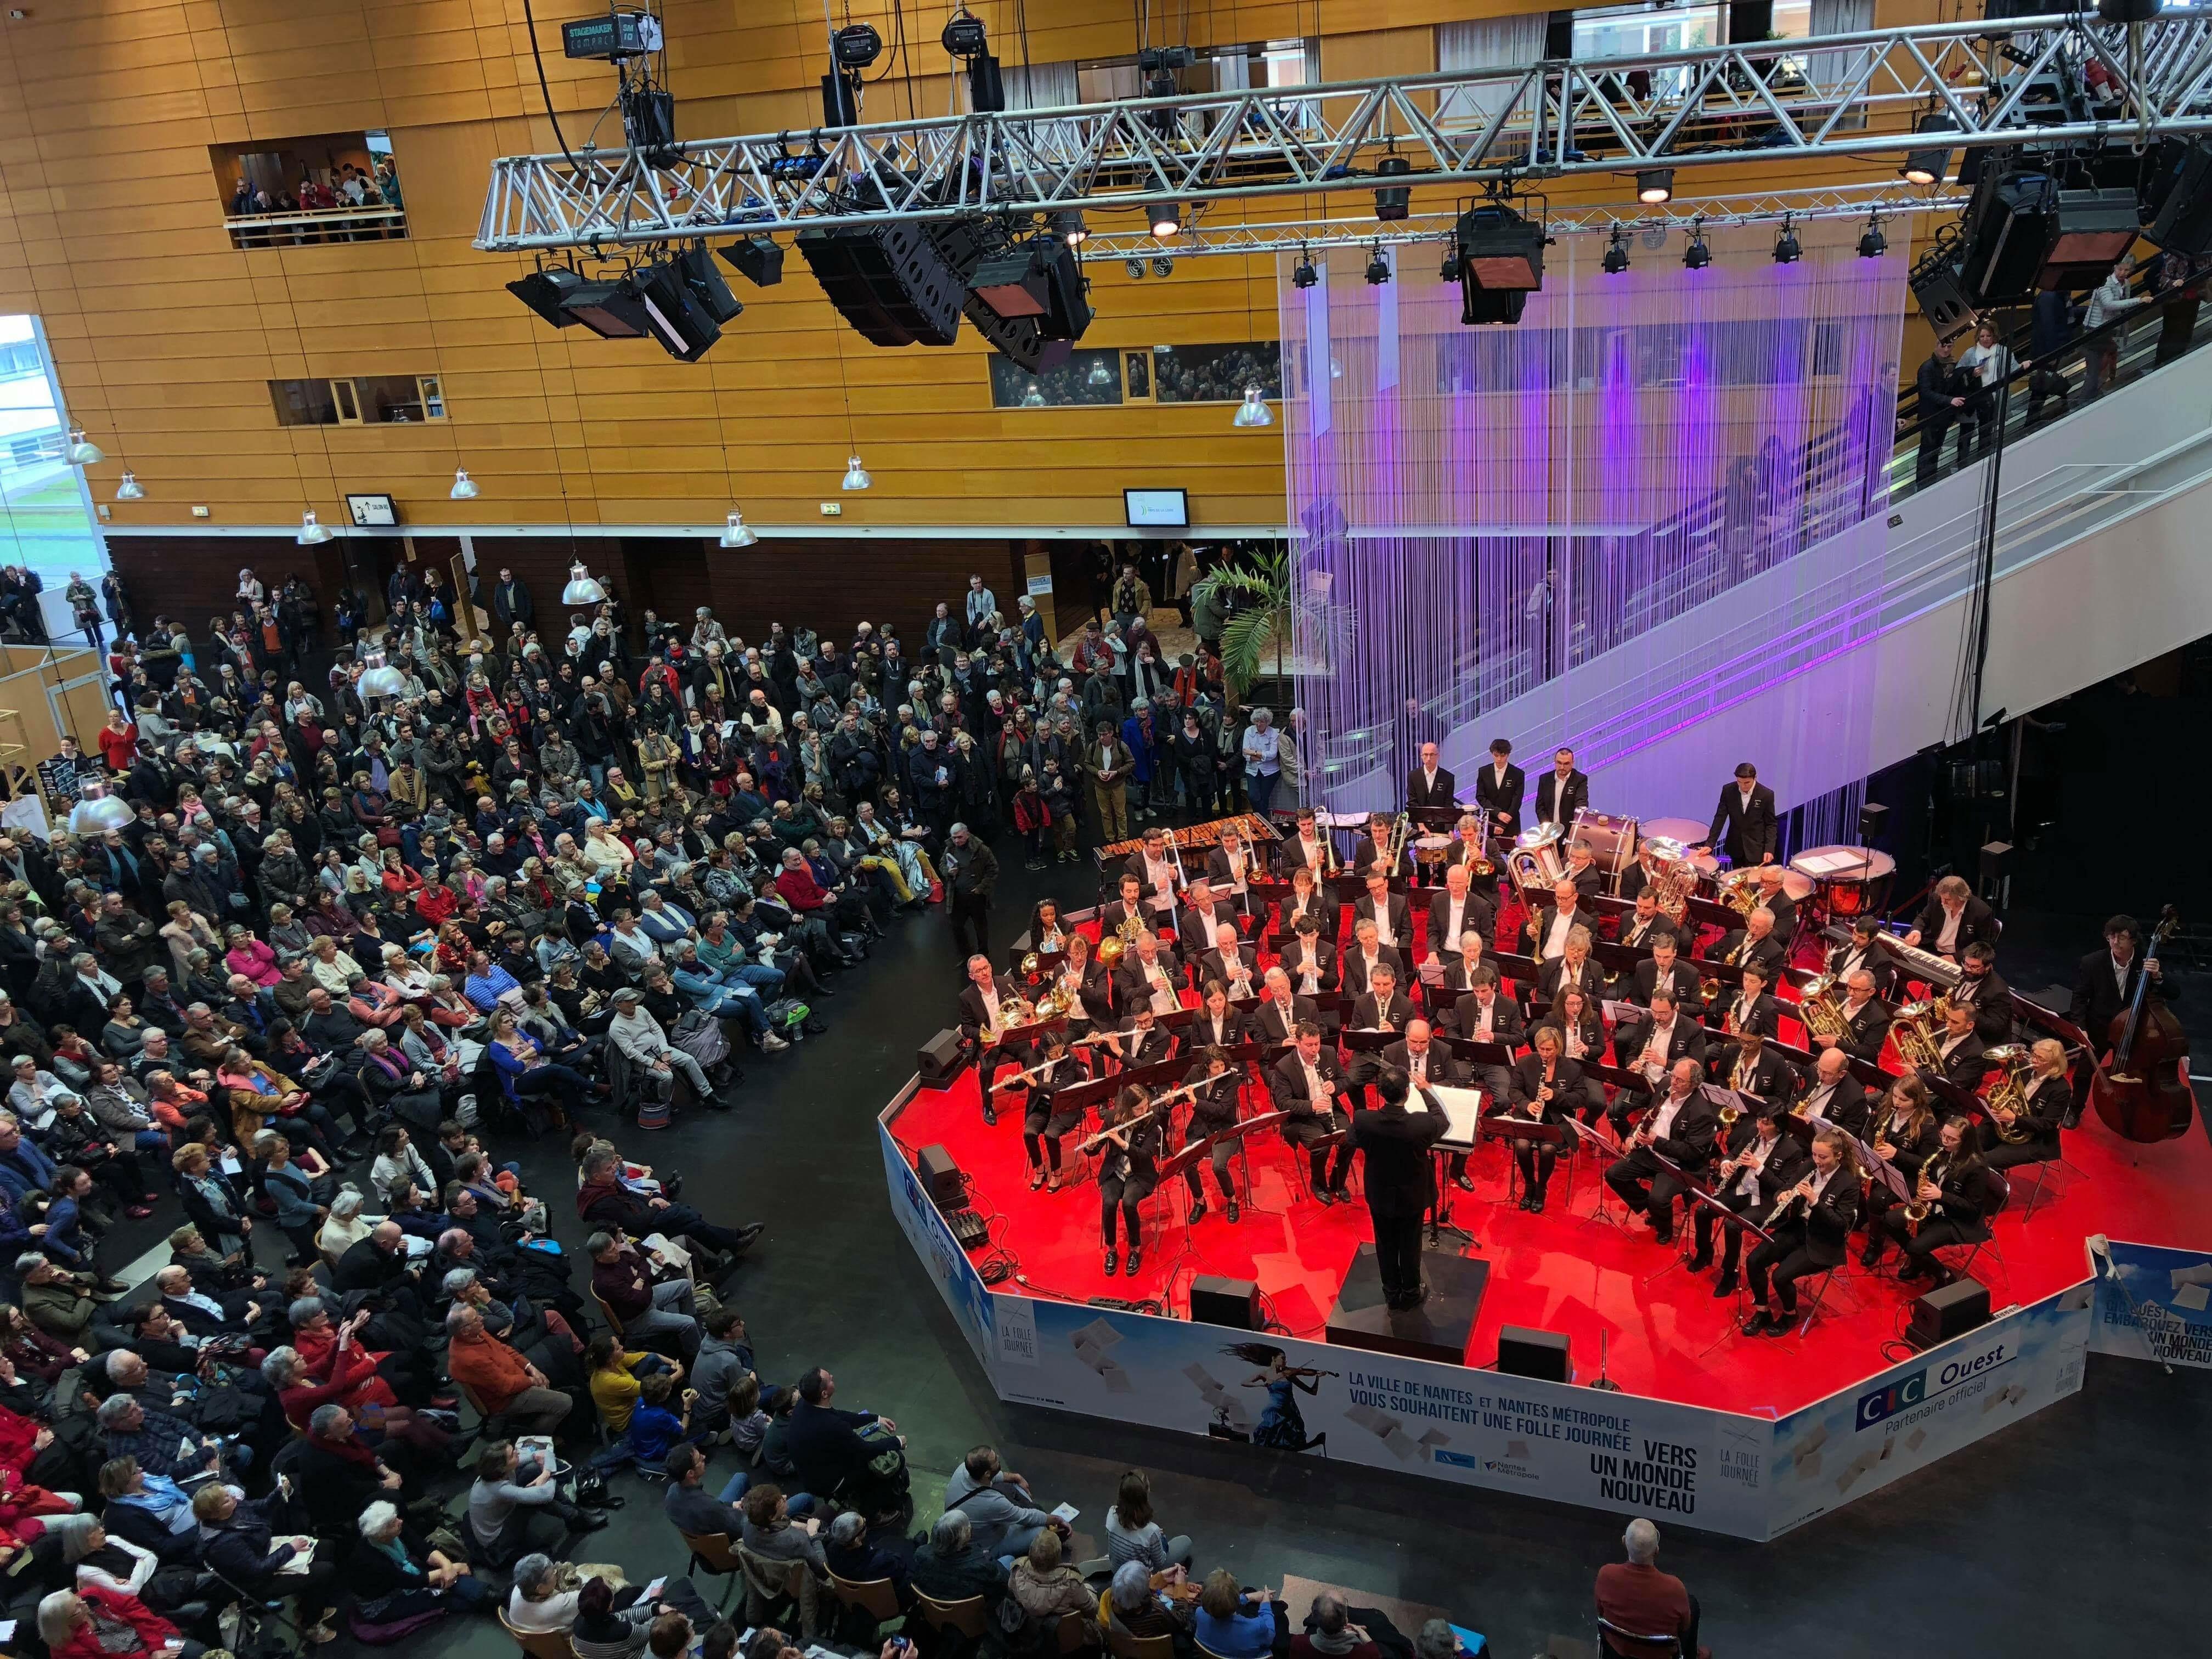 ロックコンサートの熱狂をクラシック音楽にも! フランス・ナントの音楽祭「ラ・フォル・ジュルネ」